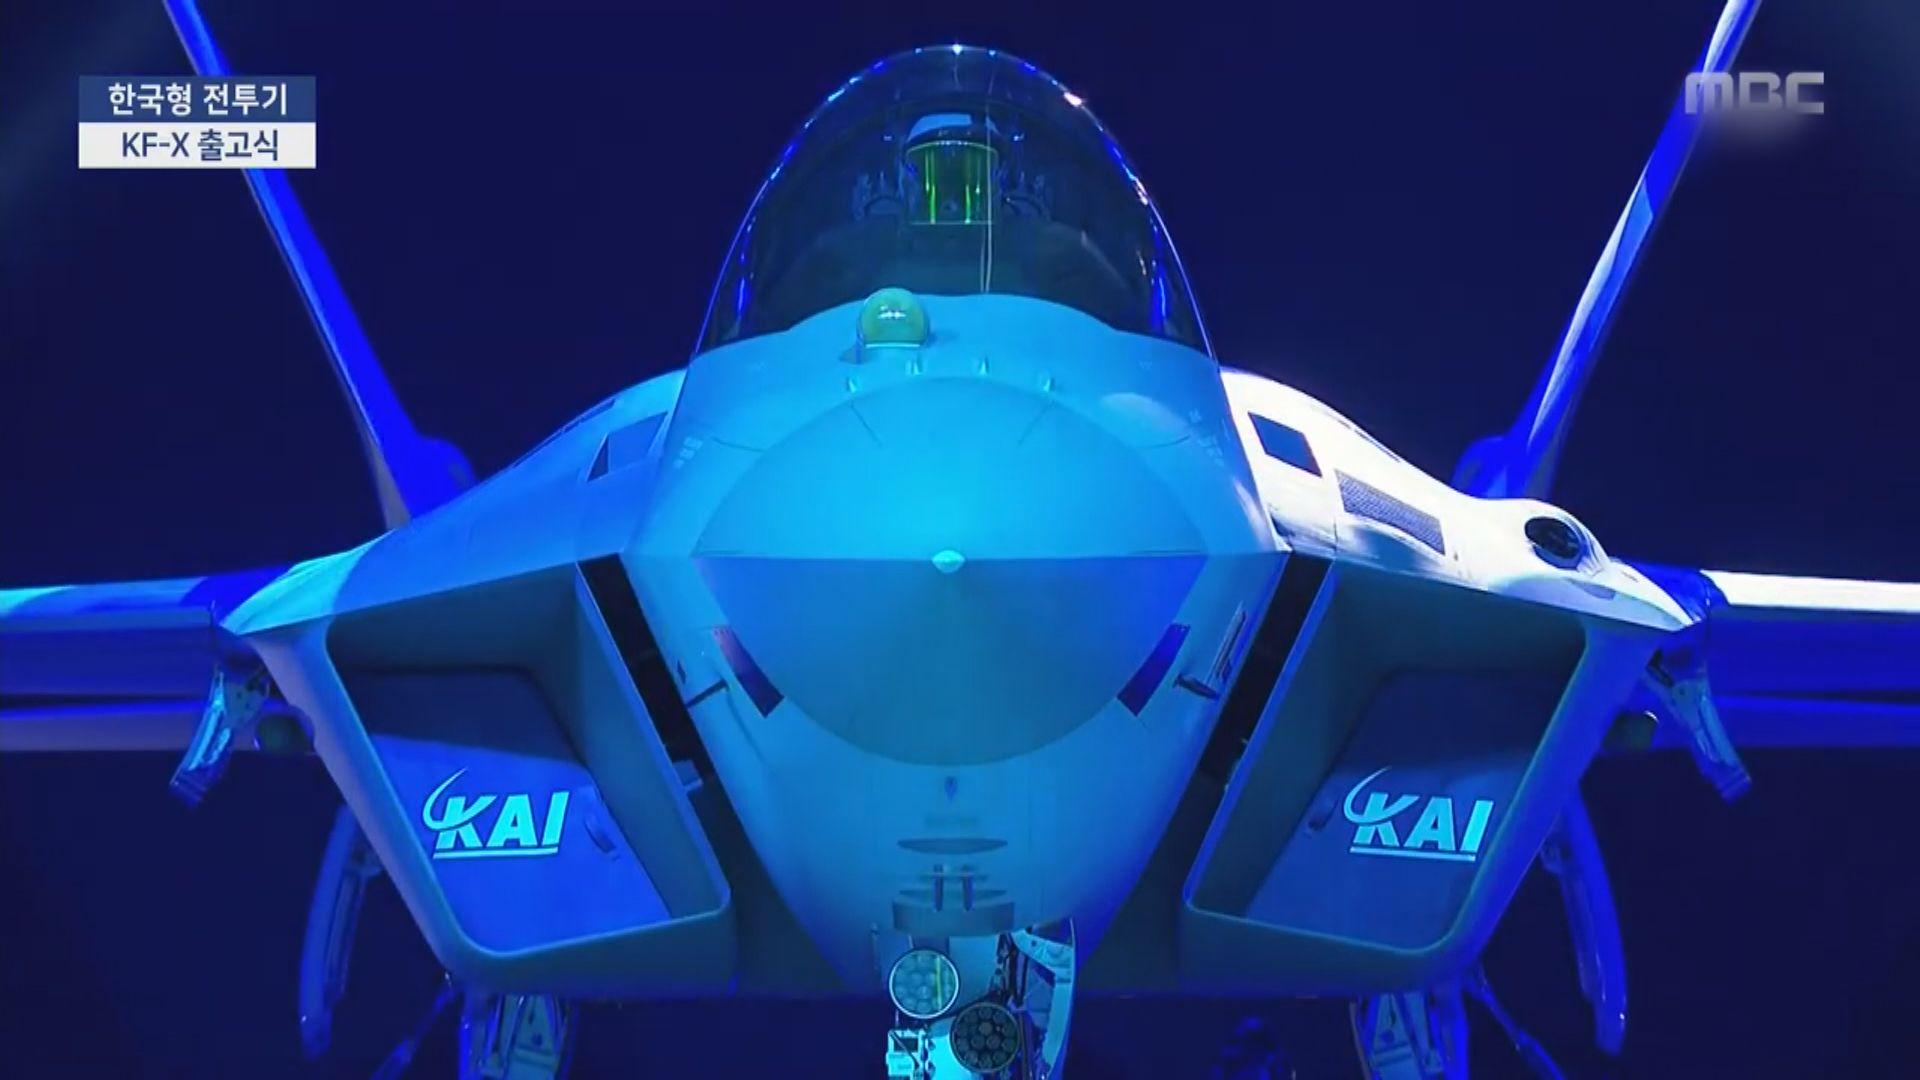 南韓新一代戰機KF-X首度亮相 料明年試飛